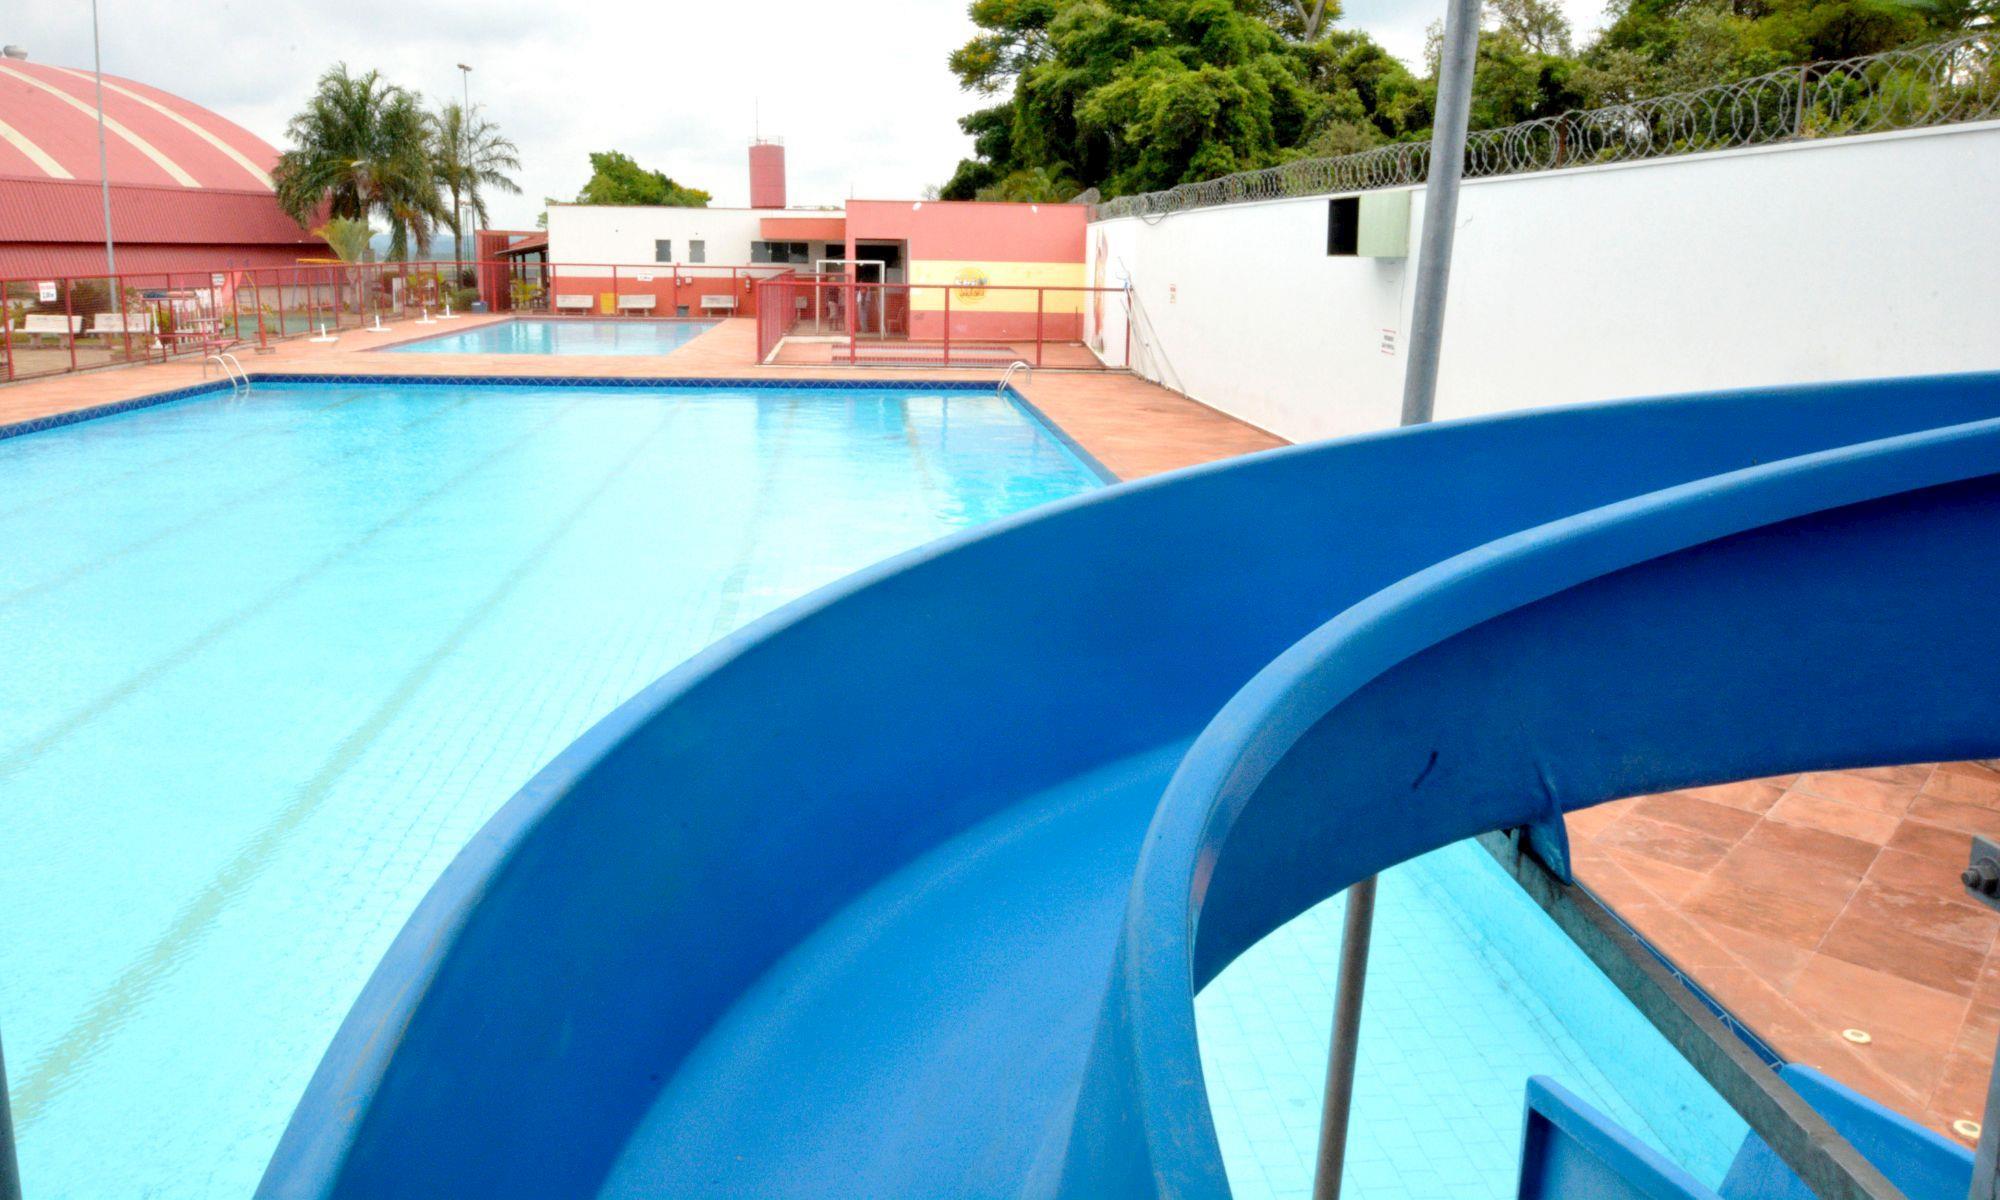 piscina, sorocaba, smetal, clube, Foguinho/Imprensa SMetal